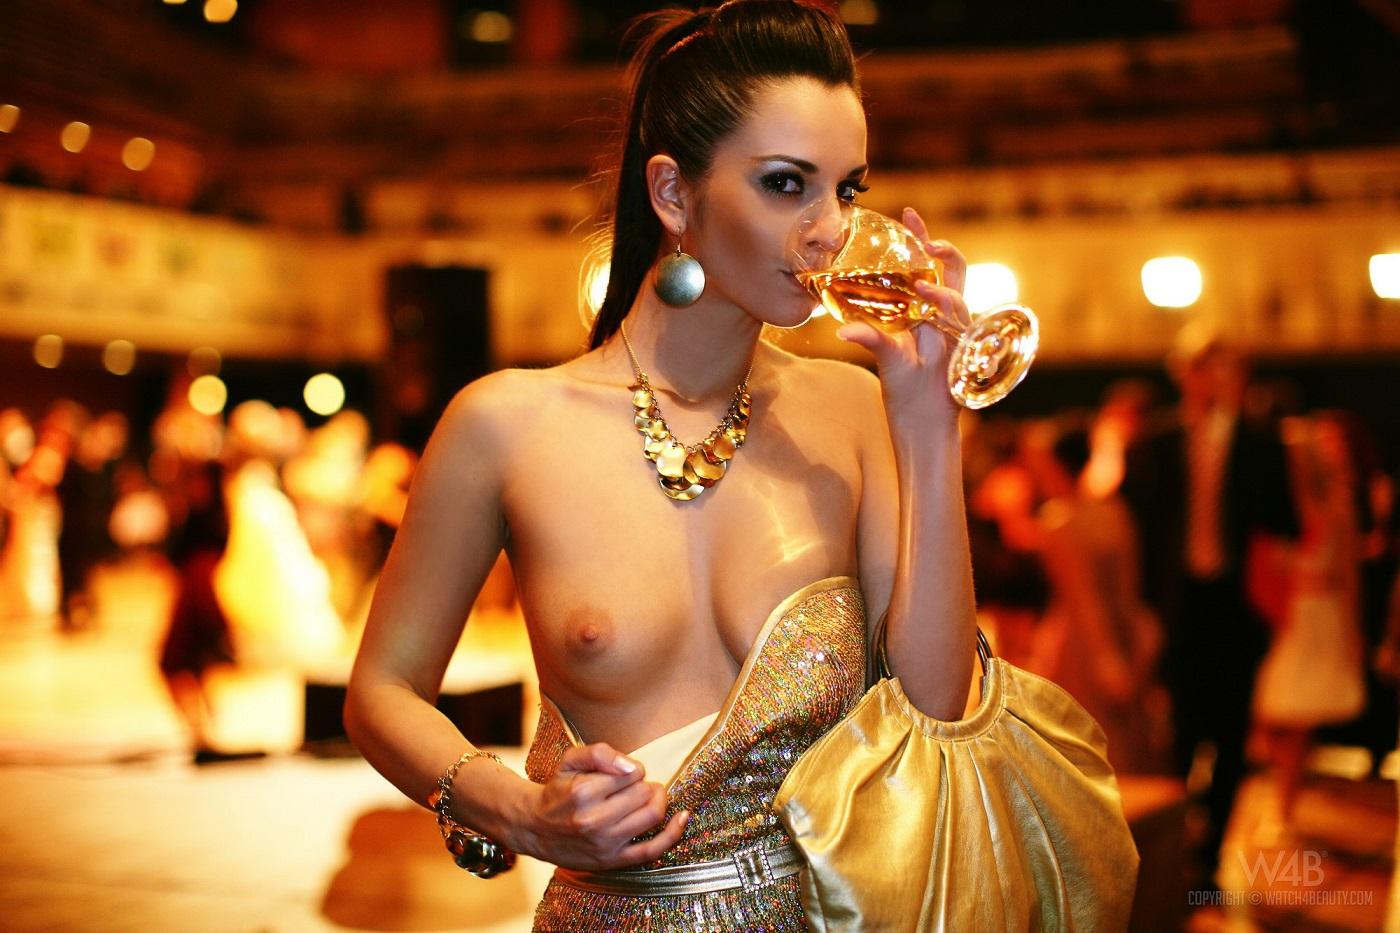 Эротика в платьях, Порно В красивом белье -видео. Смотреть порно 8 фотография